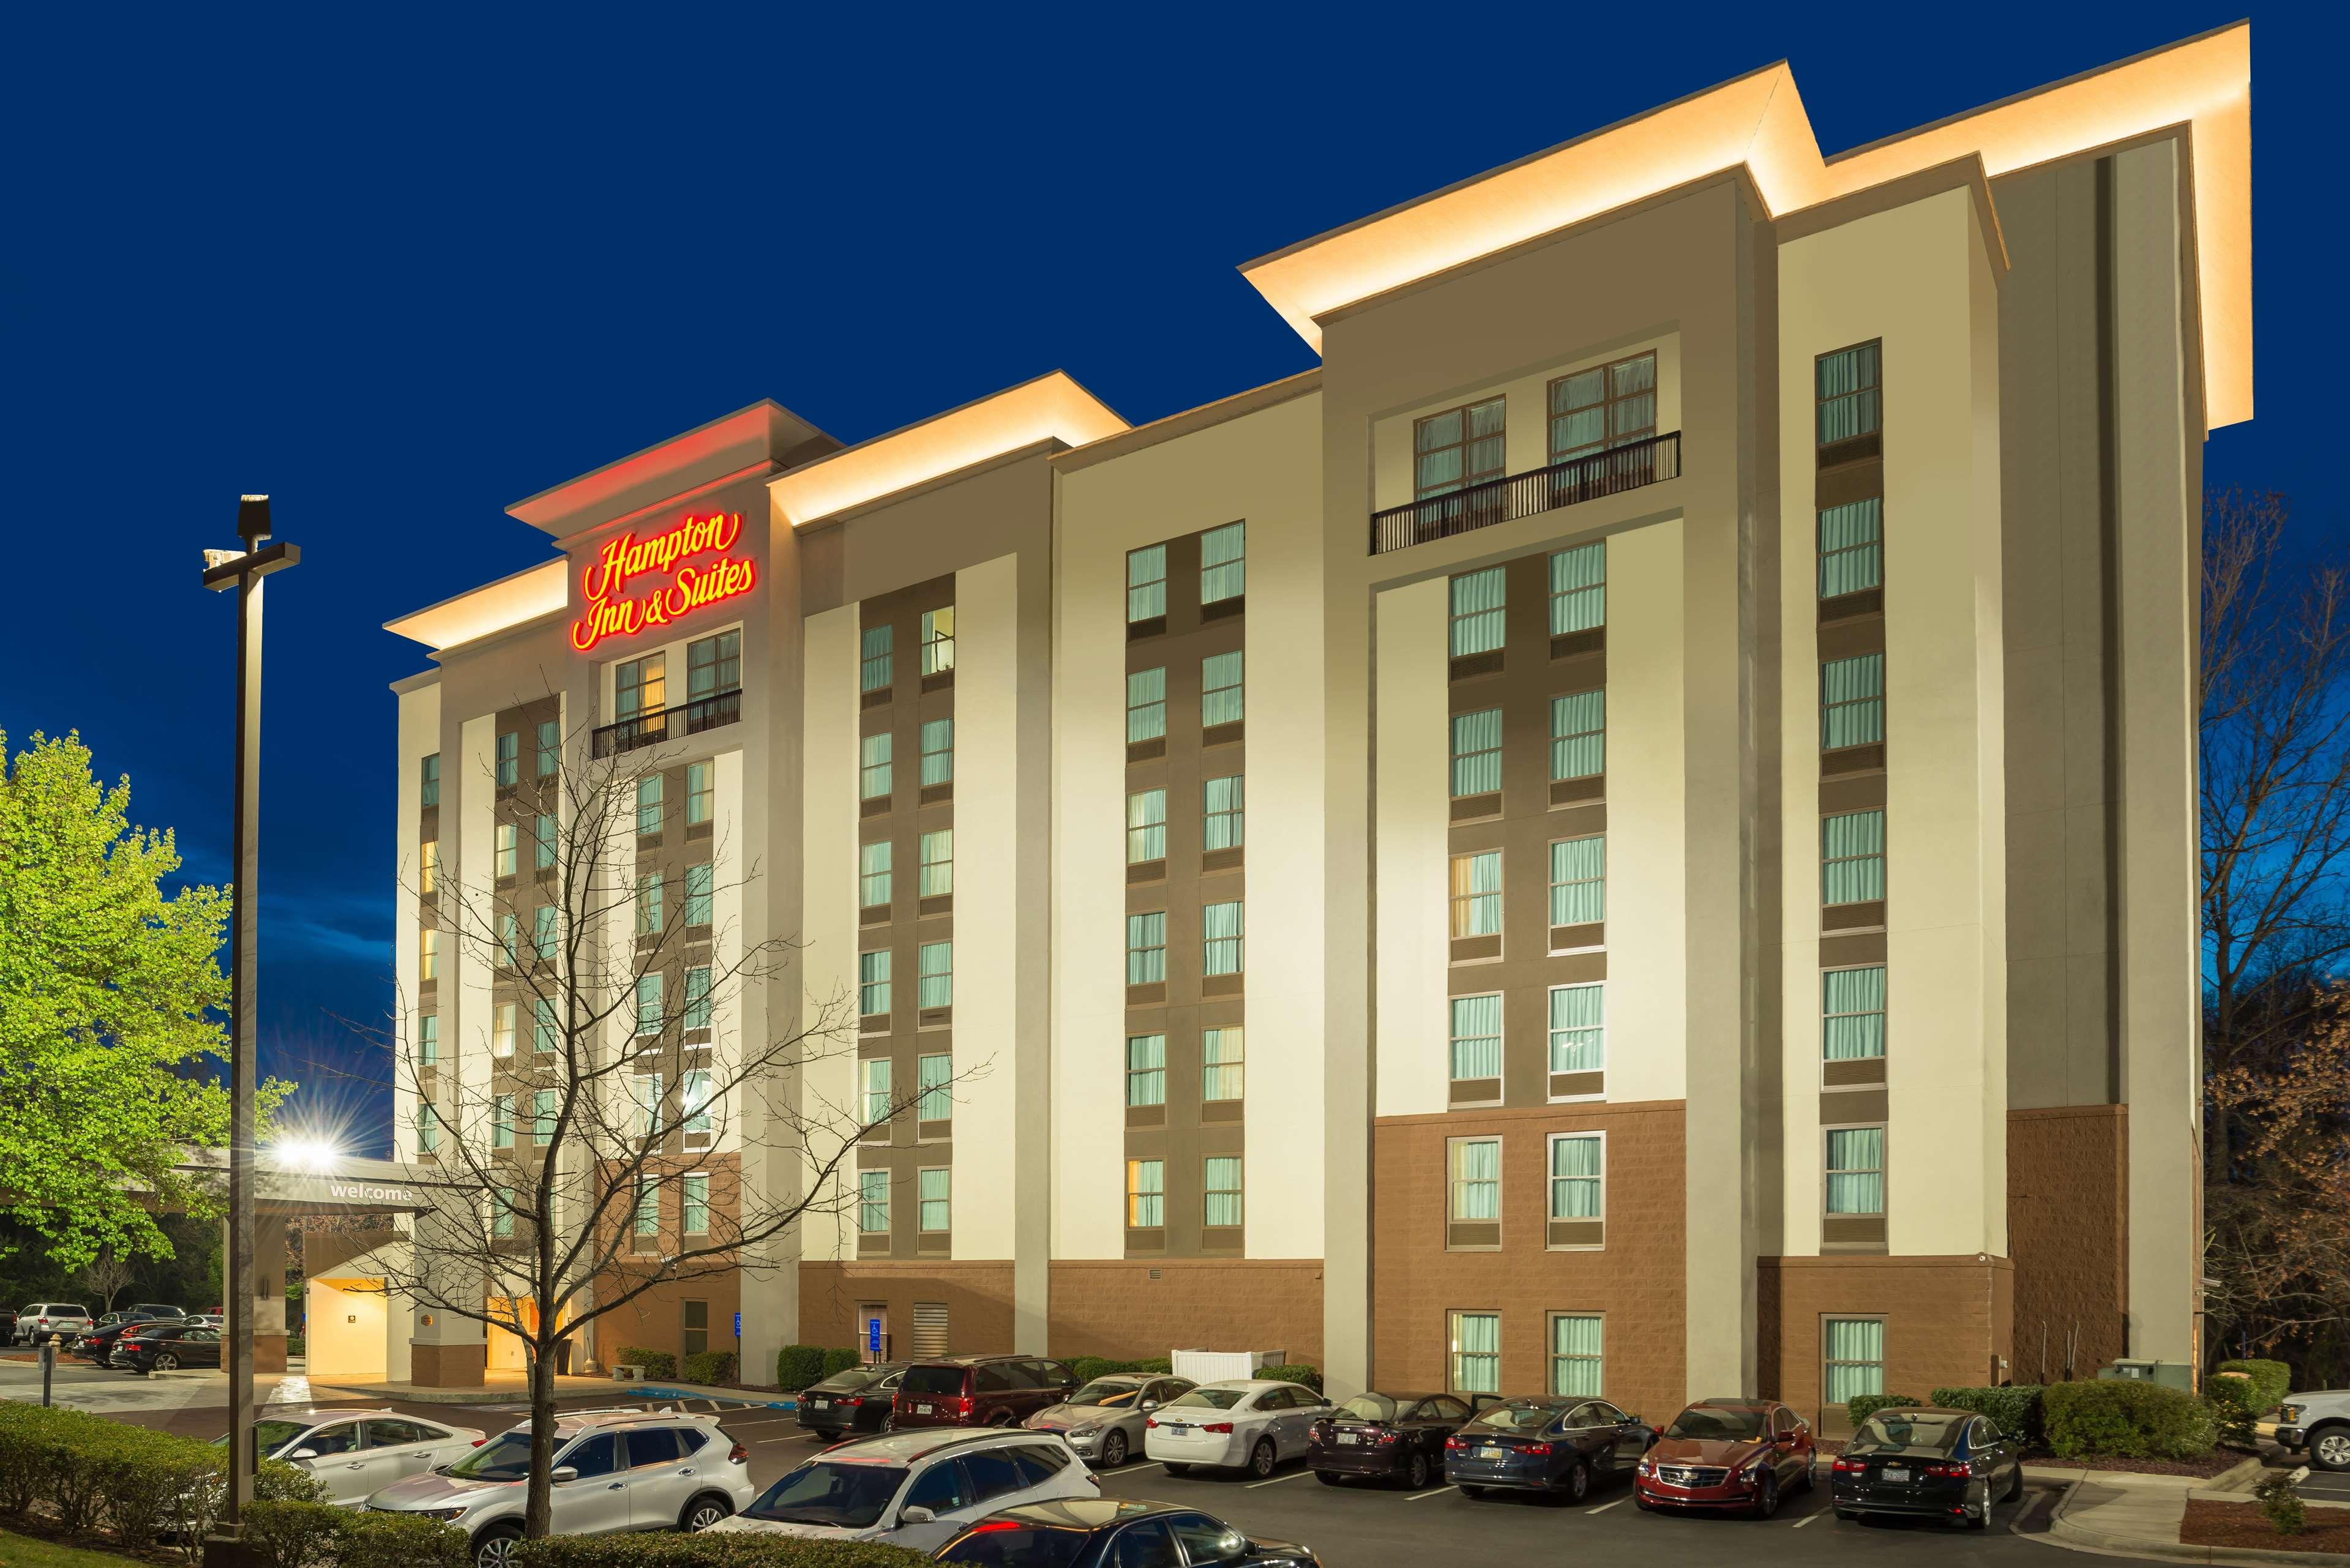 Hampton Inn & Suites Charlotte-Arrowood Rd. image 0